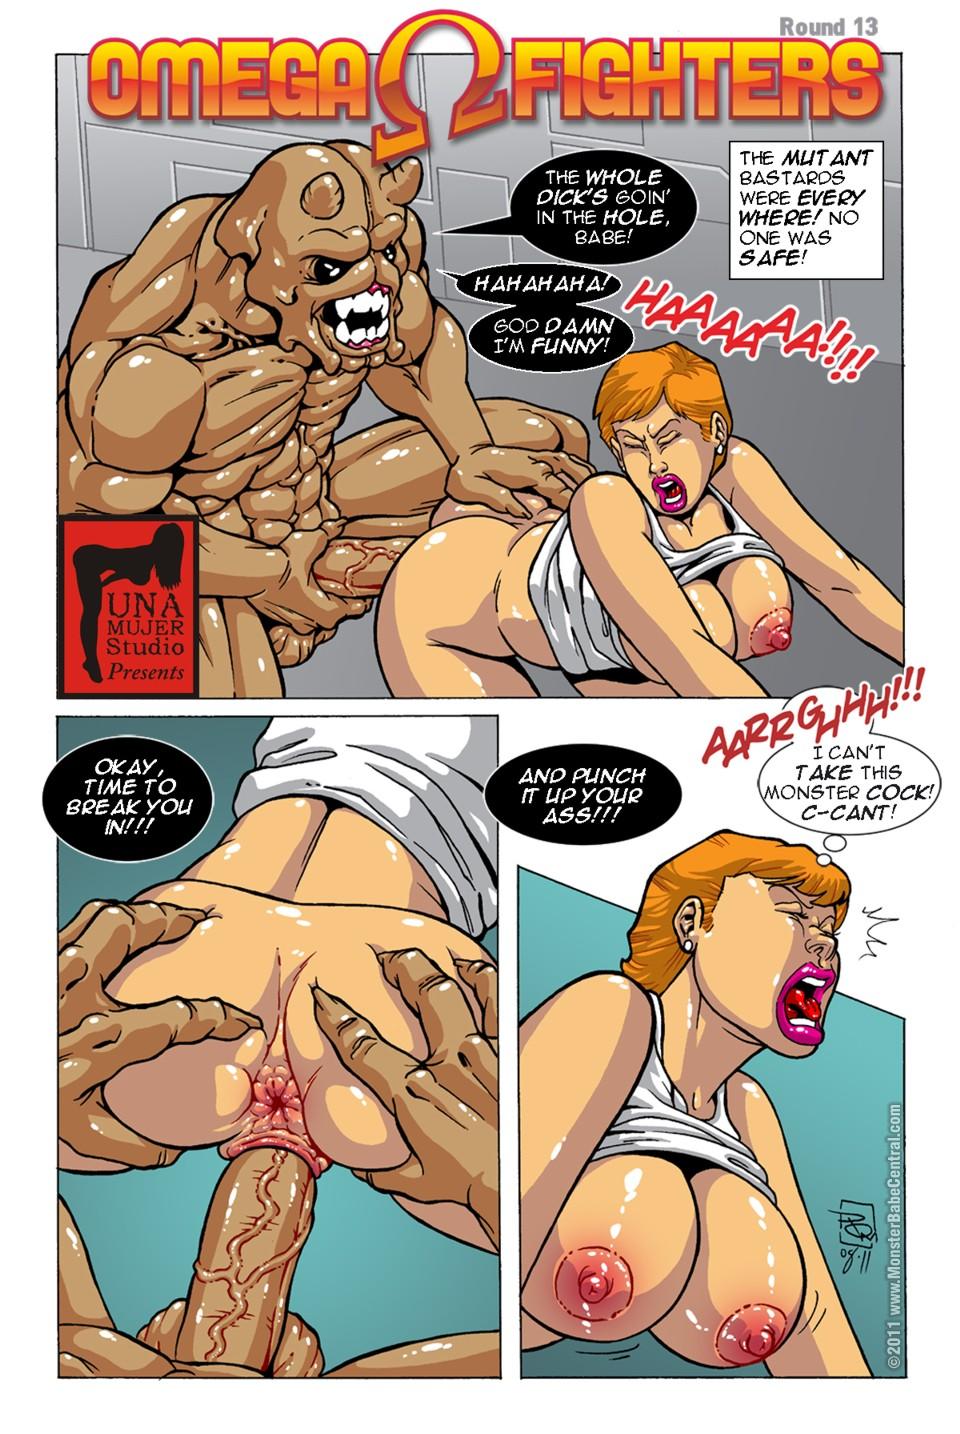 Porn Comics - Omega Fighters 13-14 porn comics 8 muses